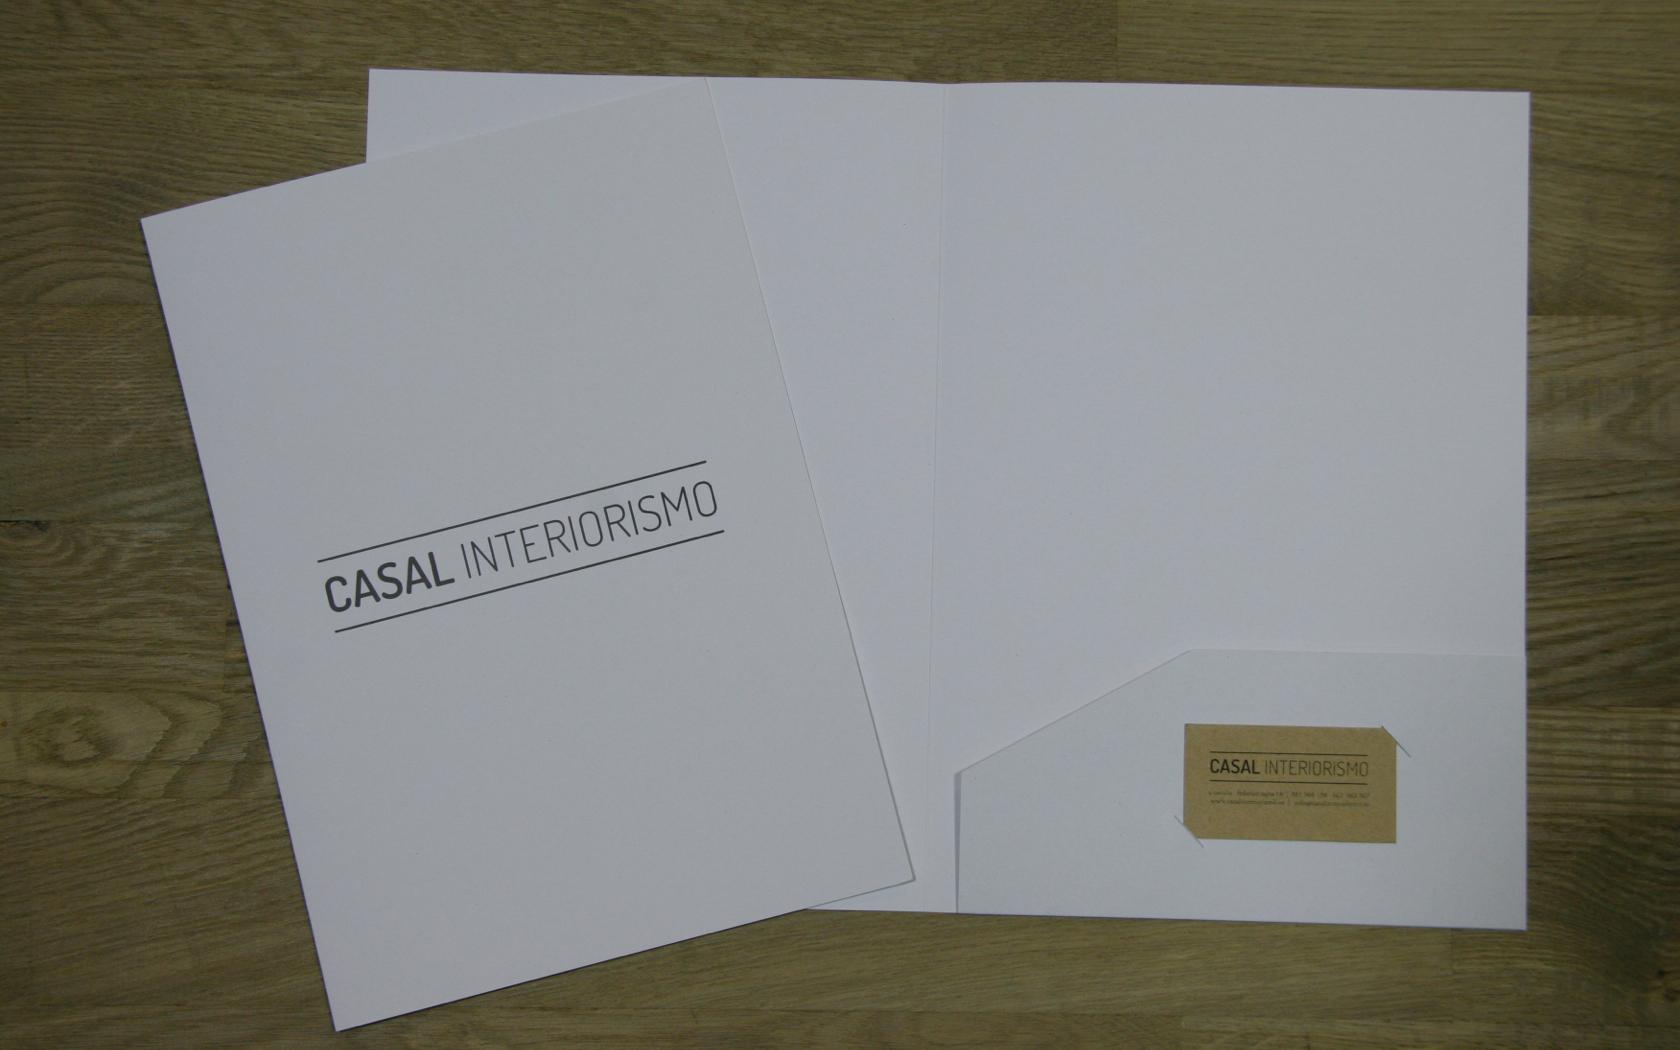 CASAL INTERIORISMO 03.jpg